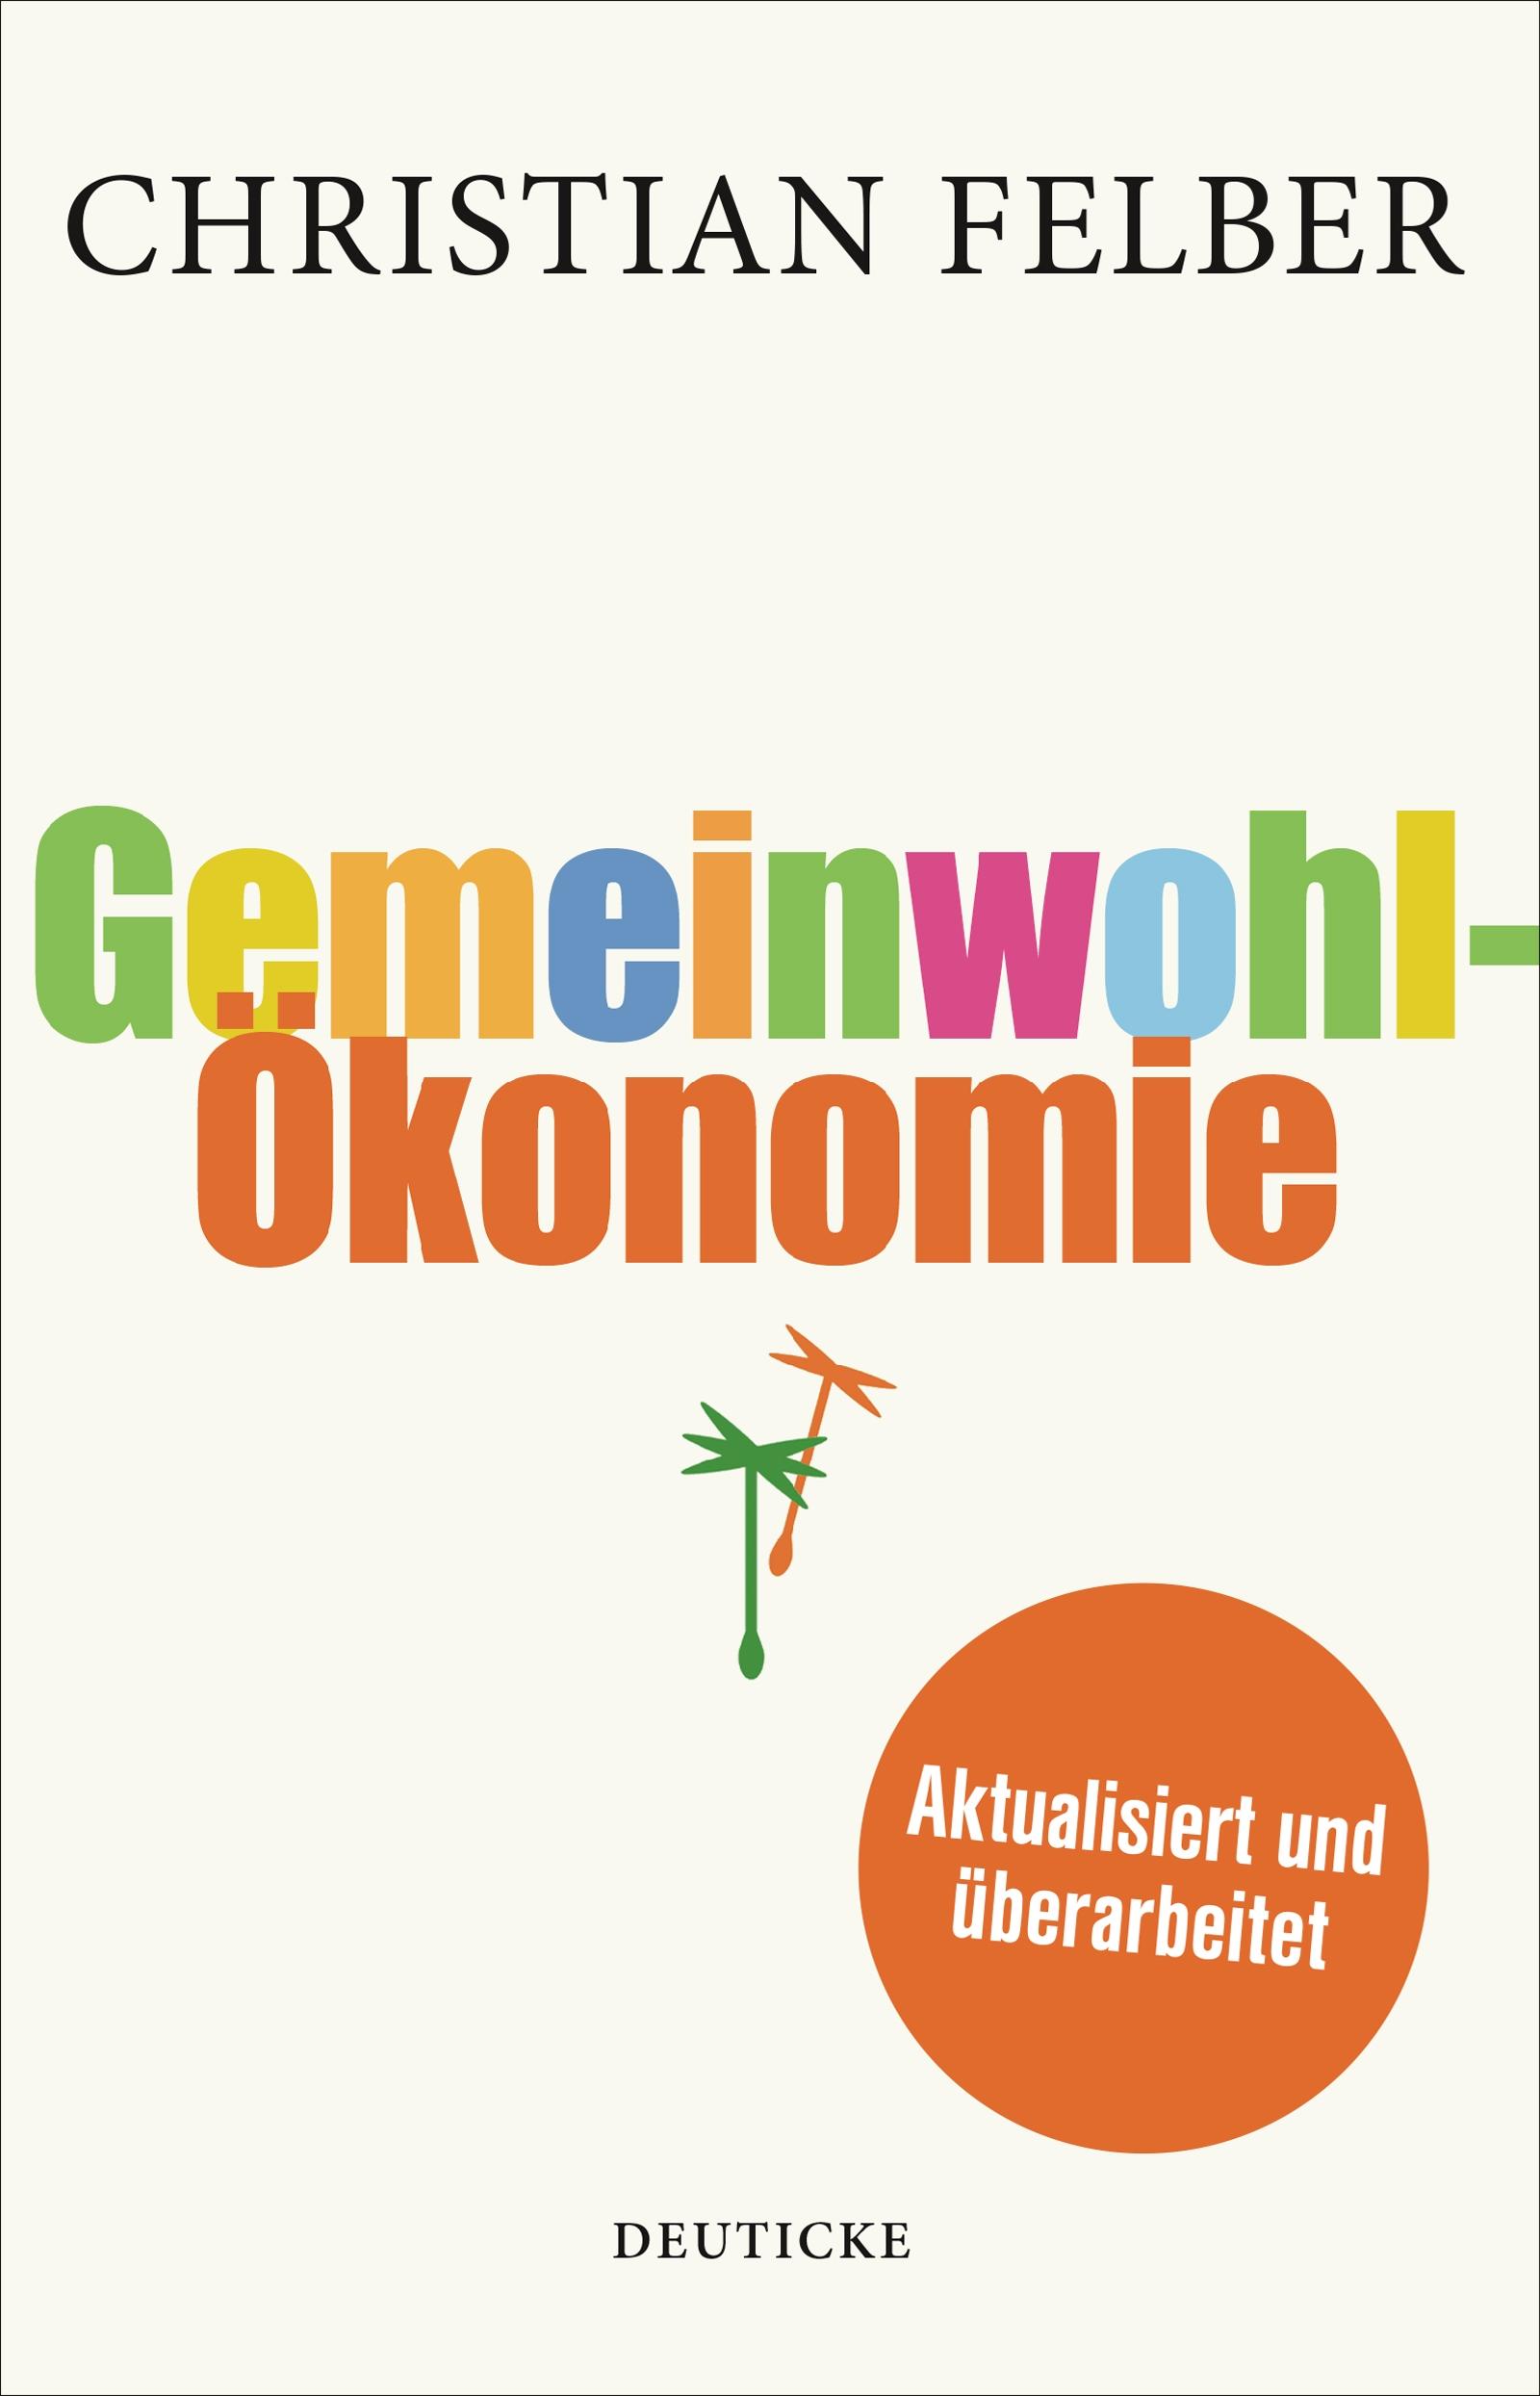 Gemeinwohl-Ökonomie Buch